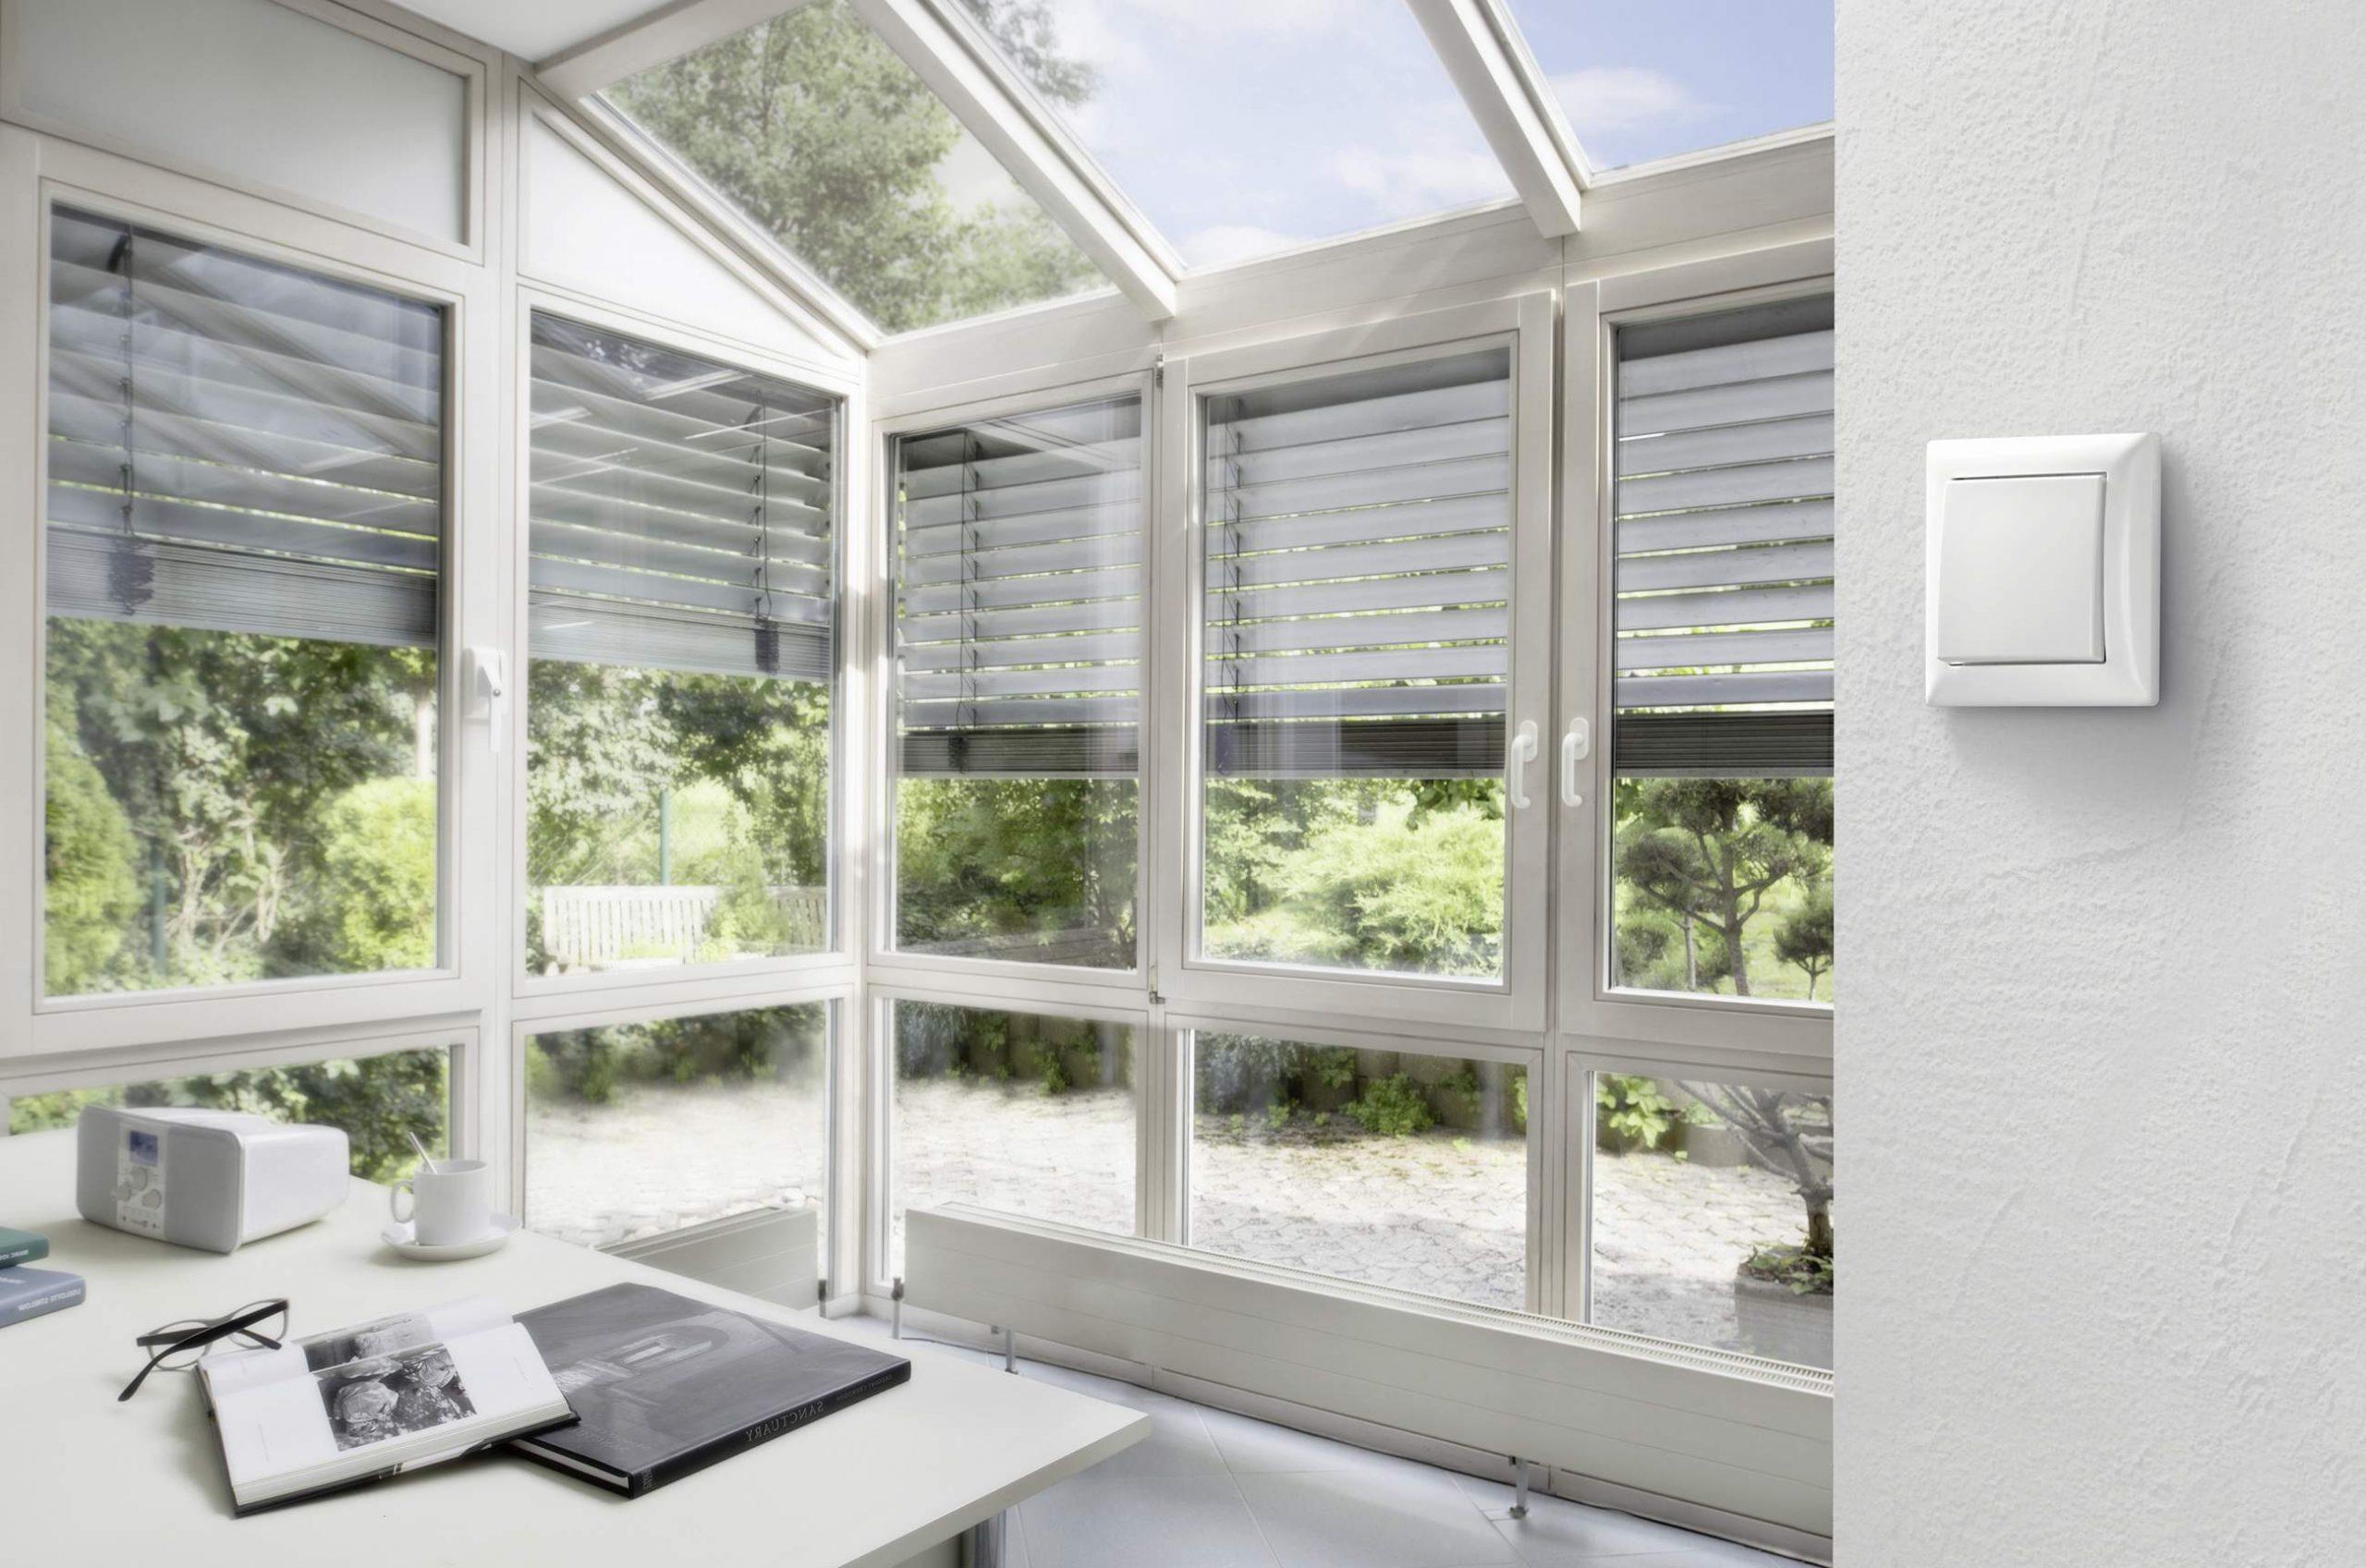 Full Size of Fenster Austauschen Einbauen Standardmaße Türen Nach Maß Weru Folien Für Drutex 120x120 Schüko Wärmeschutzfolie Rollos Mit Eingebauten Rolladen Fenster Fenster Austauschen